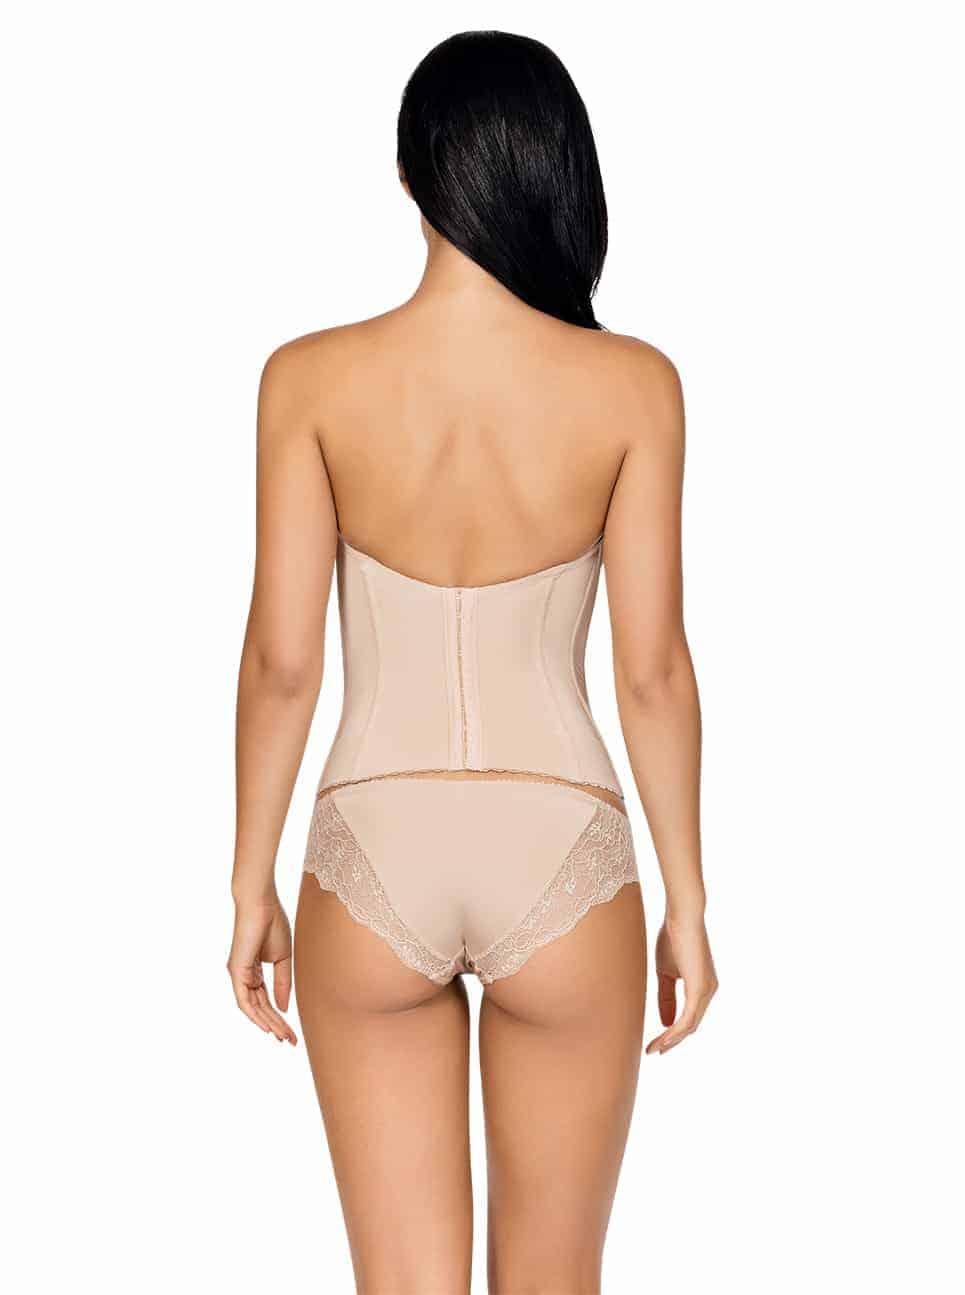 Elissa Low BackBustierP5017 BikiniP5013 EuropeanNude Back - Elissa Low-Back Bustier Nude P5017